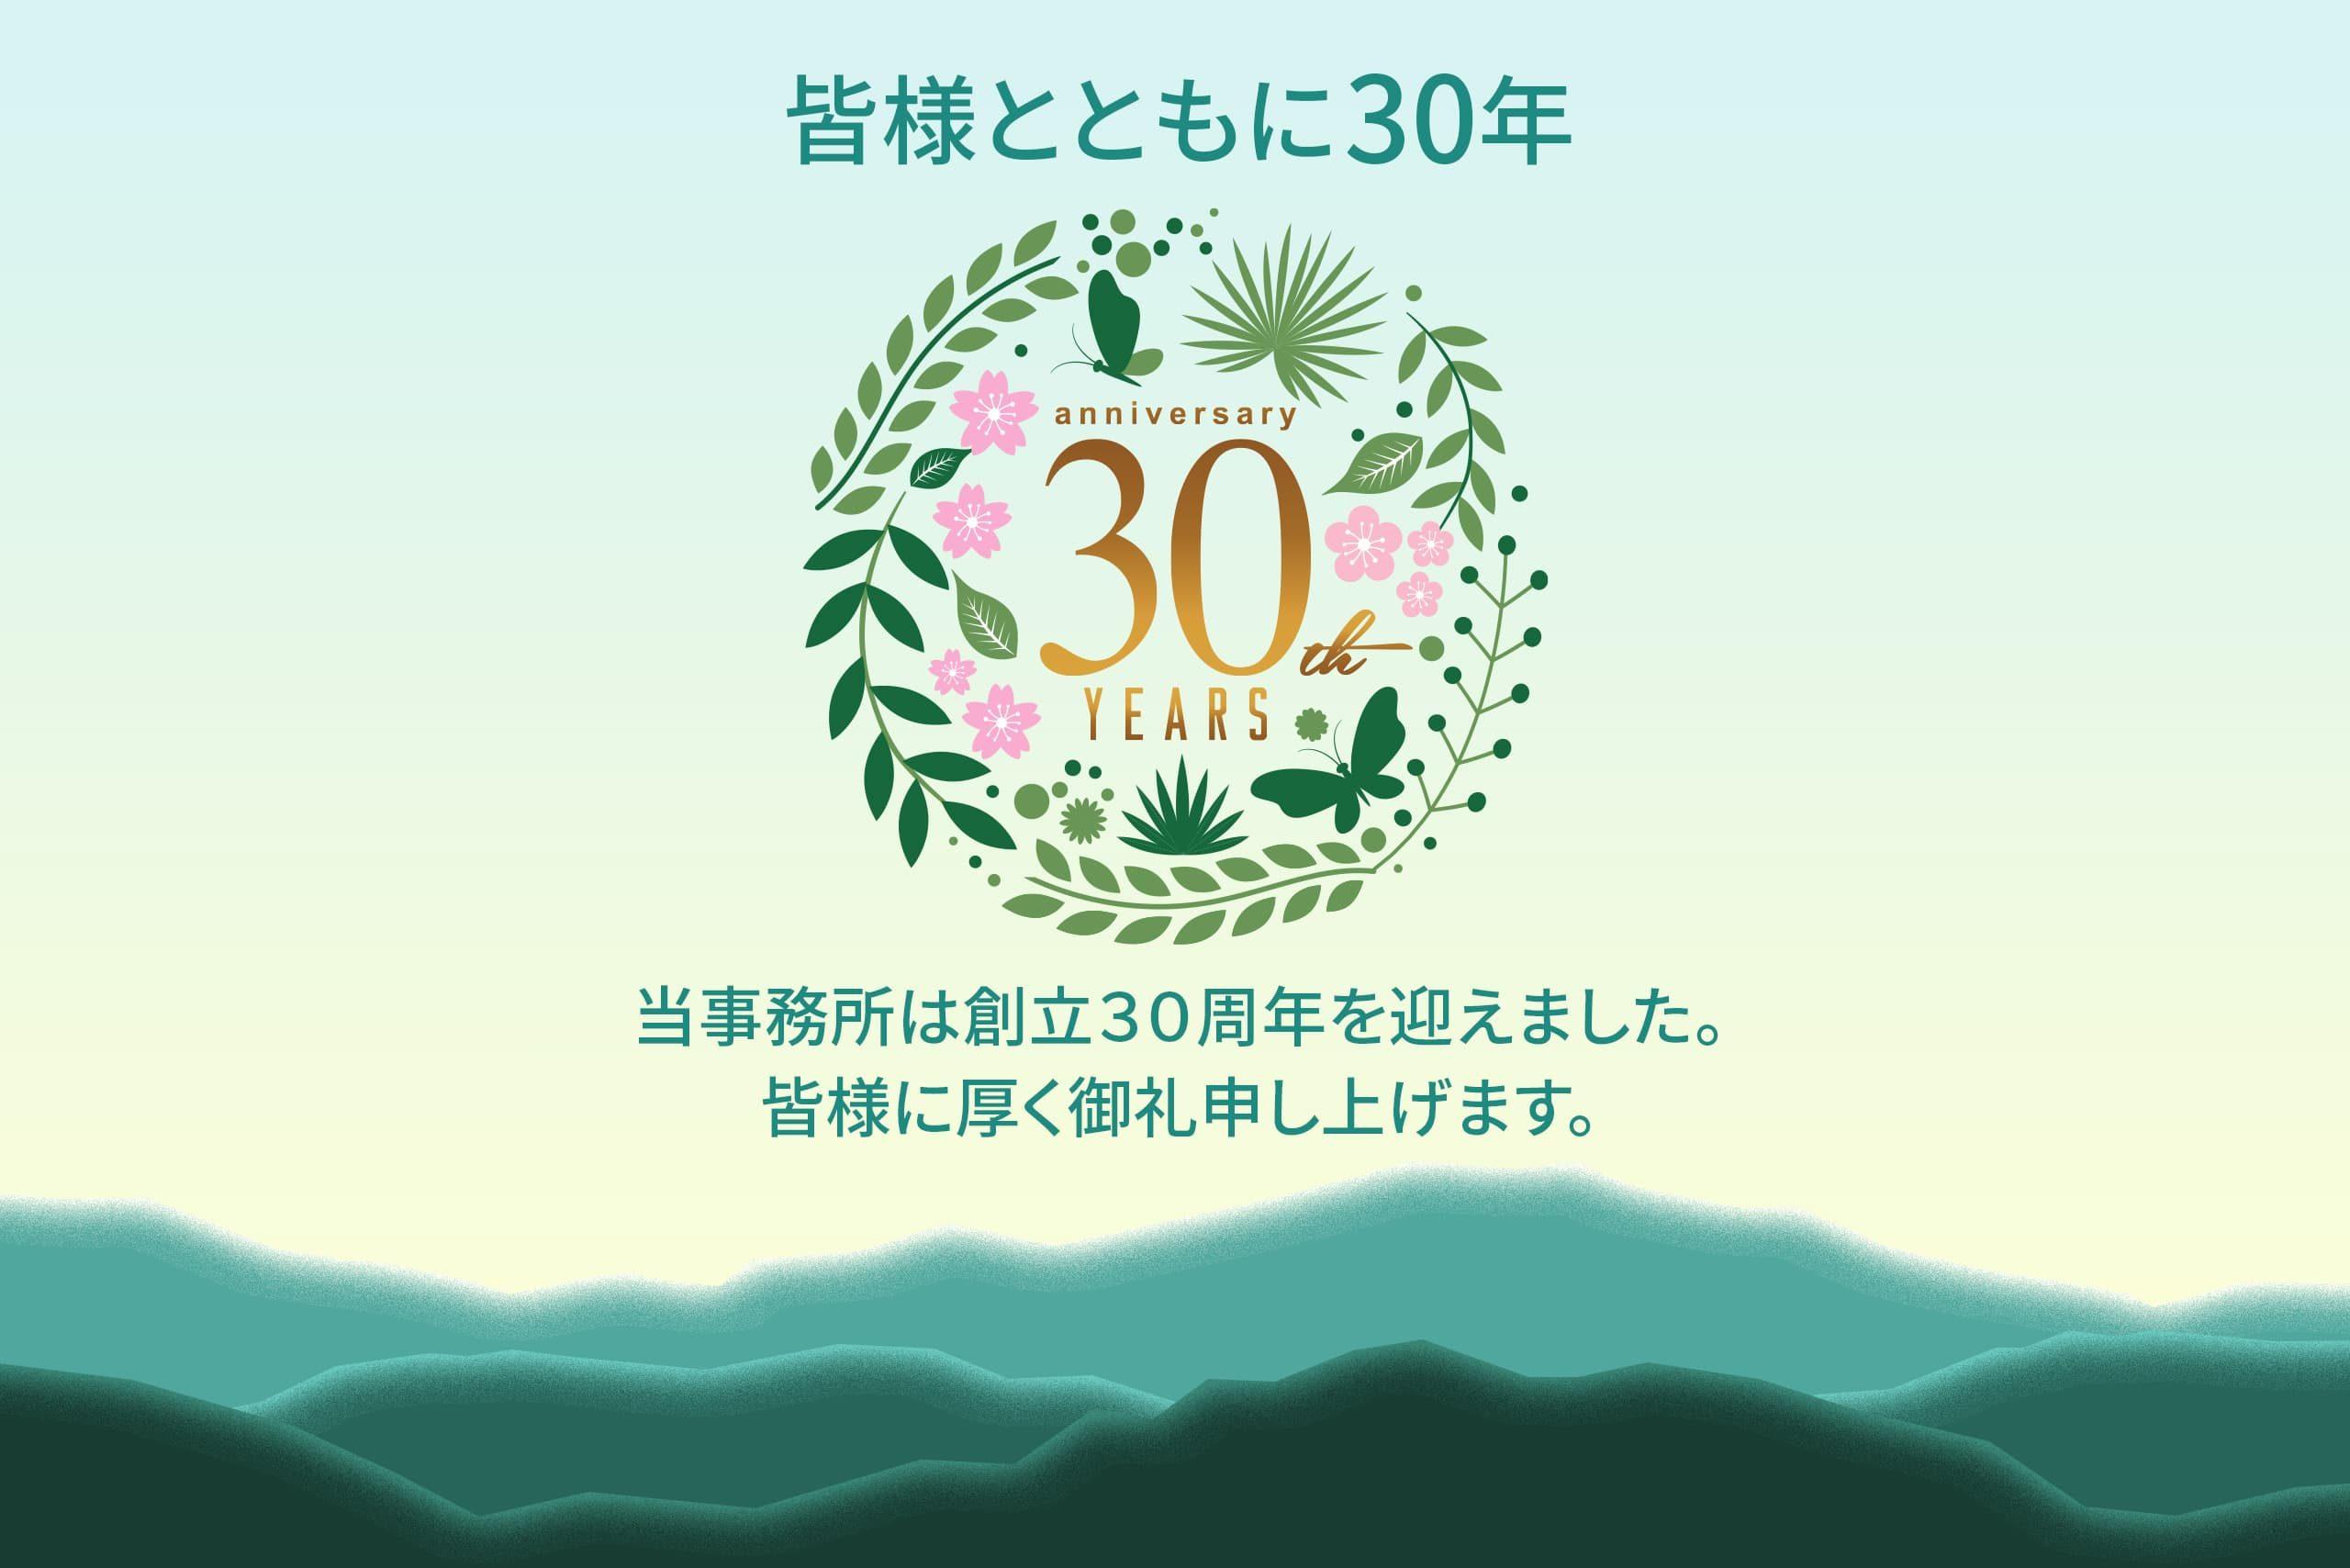 皆様とともに30年 当事務所は創立30周年を迎えました。皆様に厚く御礼申し上げます。